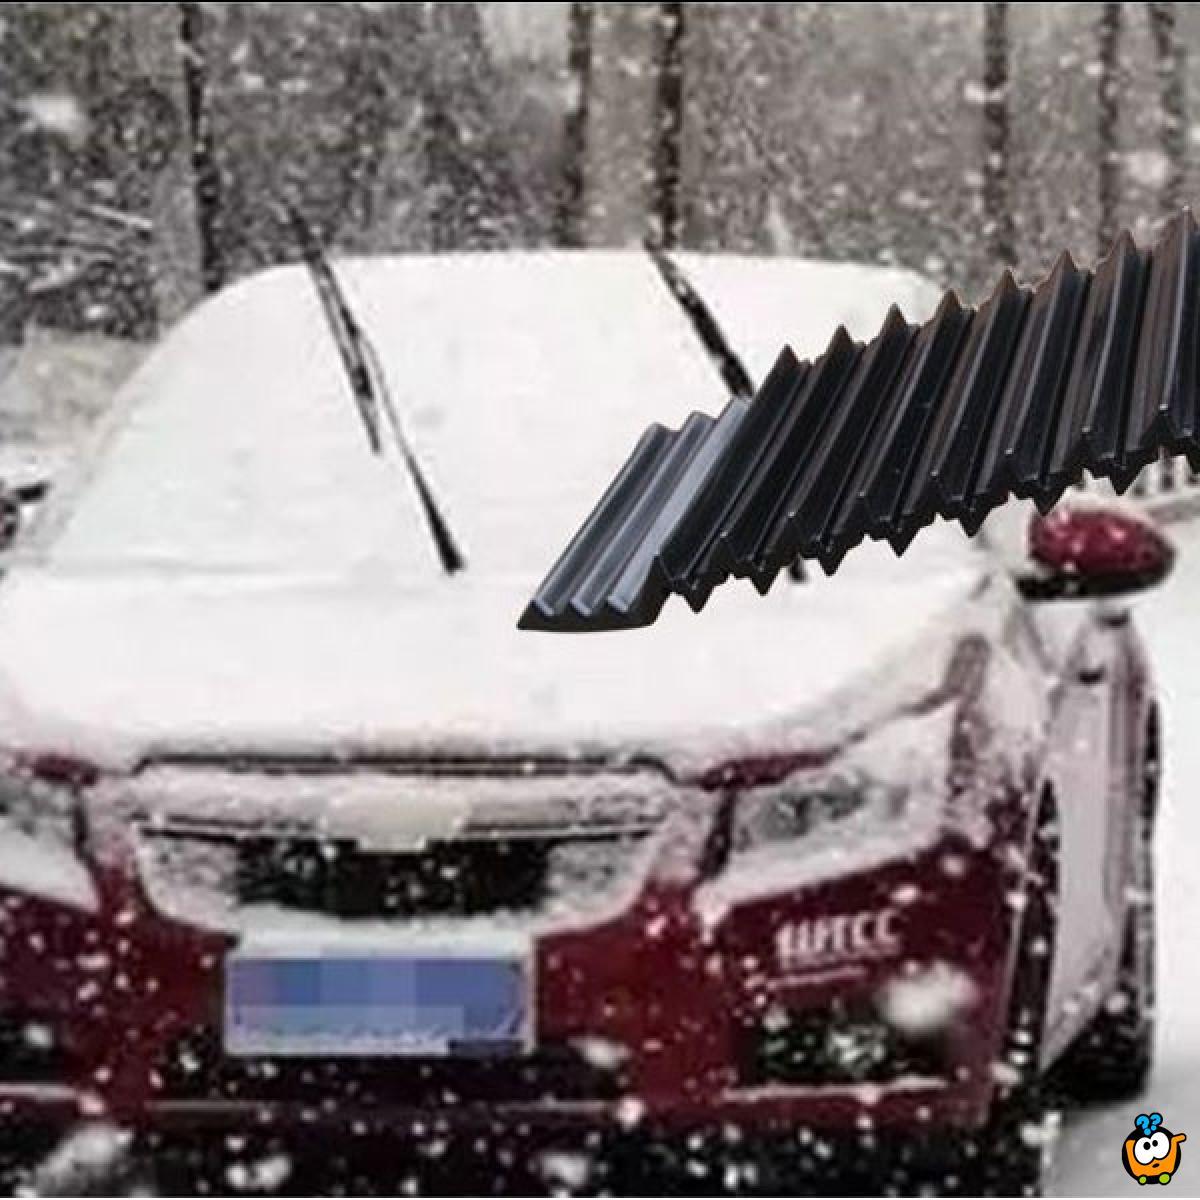 Tread Ahead - Pomoćnik pri izvlačenju zaglavljenog automobila